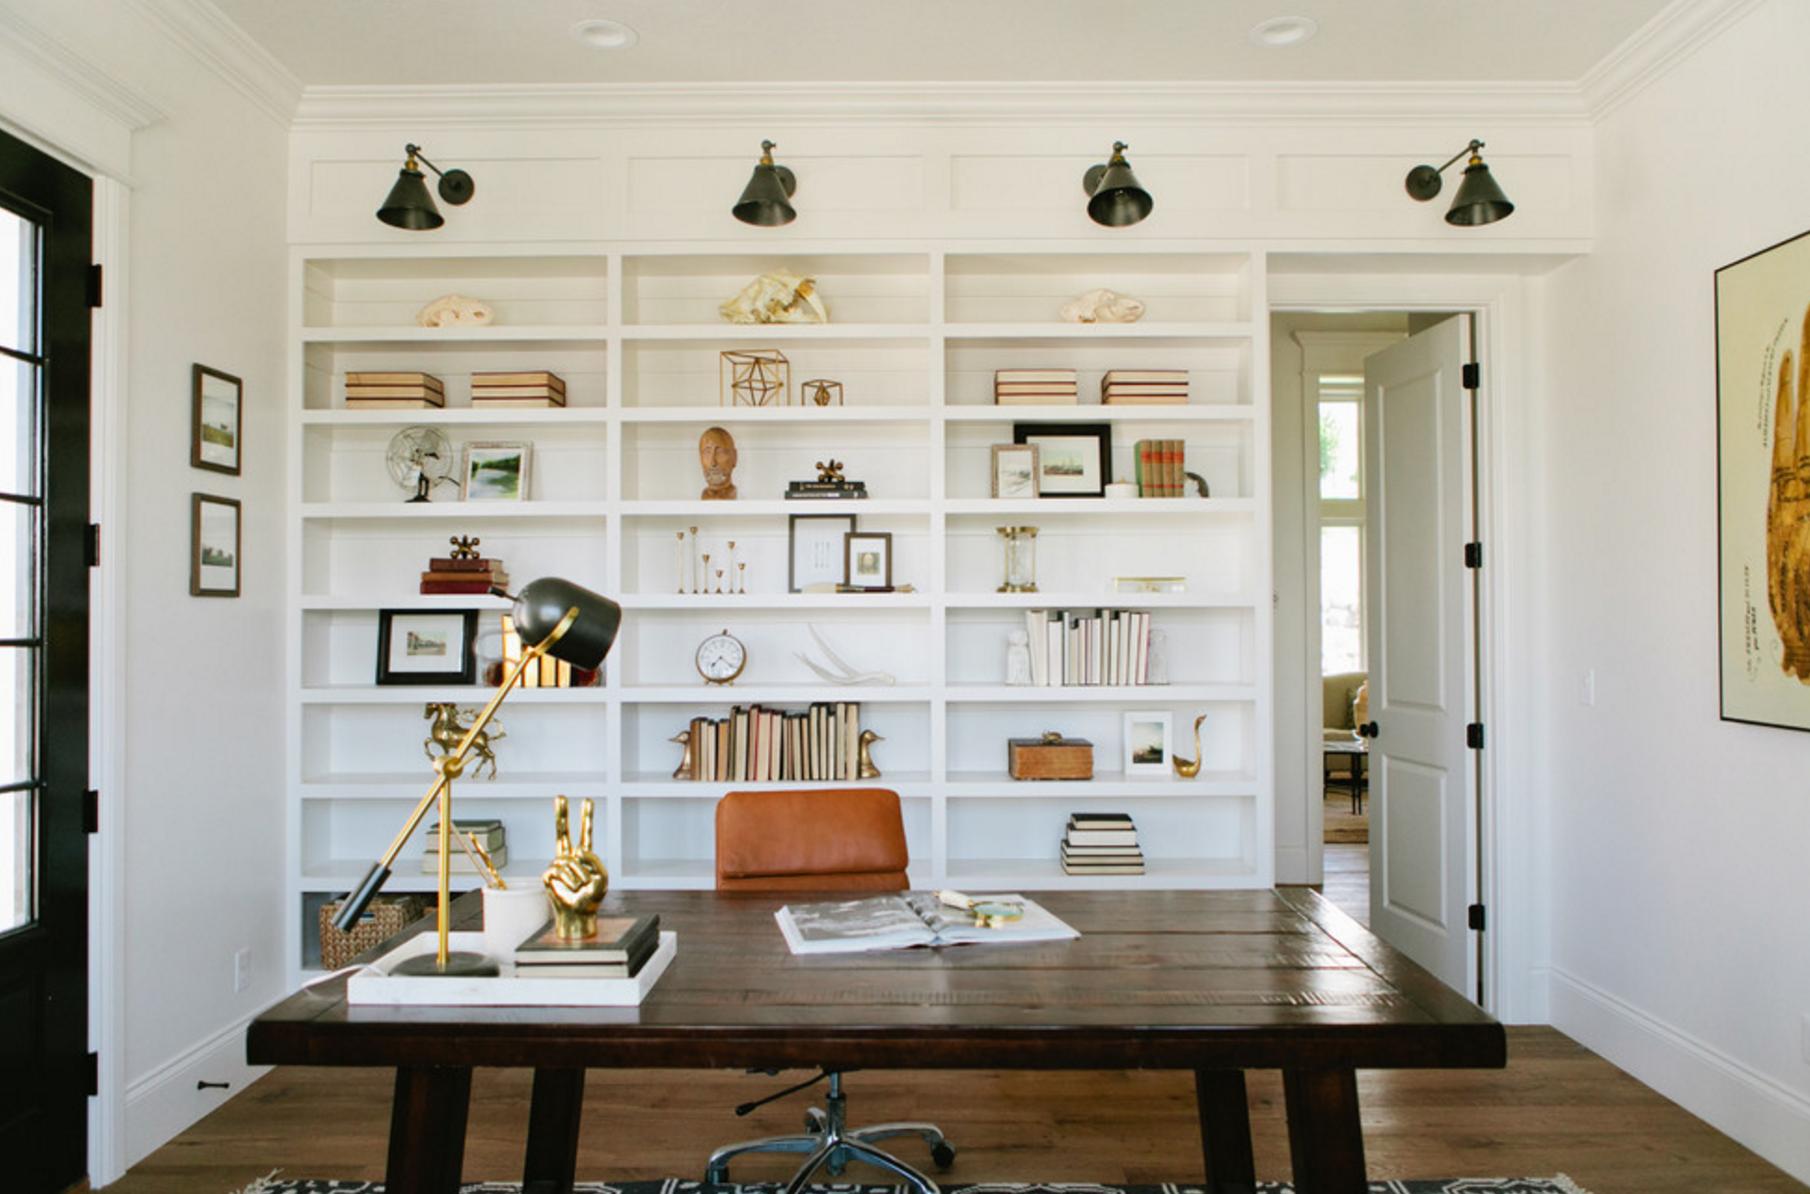 Ruangan untuk bekerja secara online jarak jauh